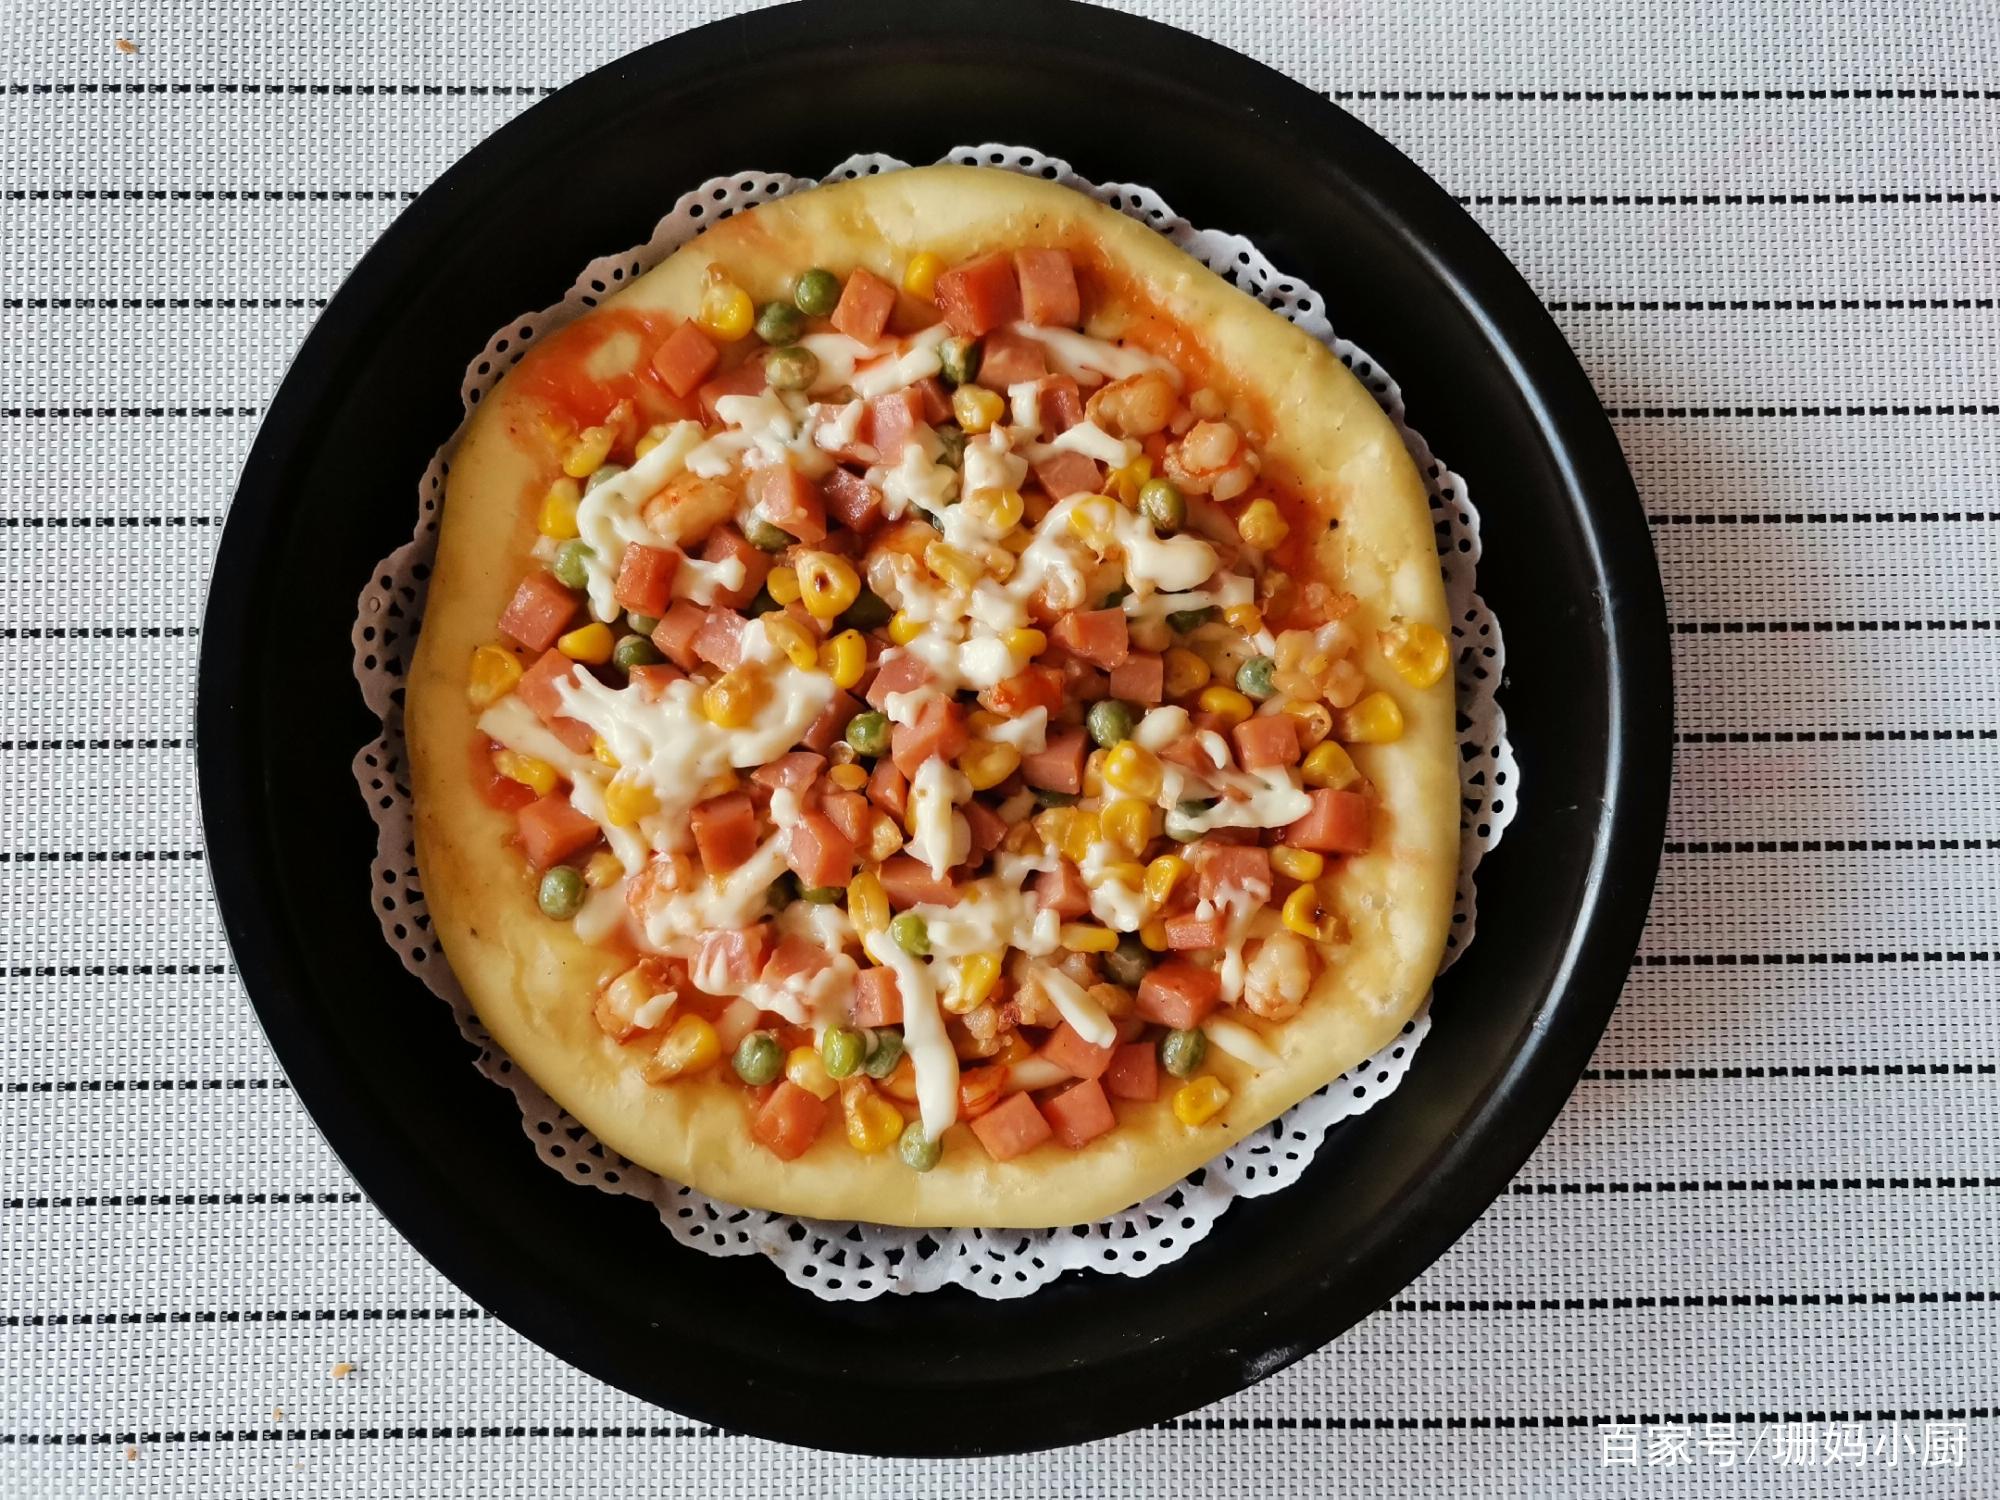 儿子想吃披萨,1个平底锅,1个饼胚,酥香味美,2个8寸都吃不够